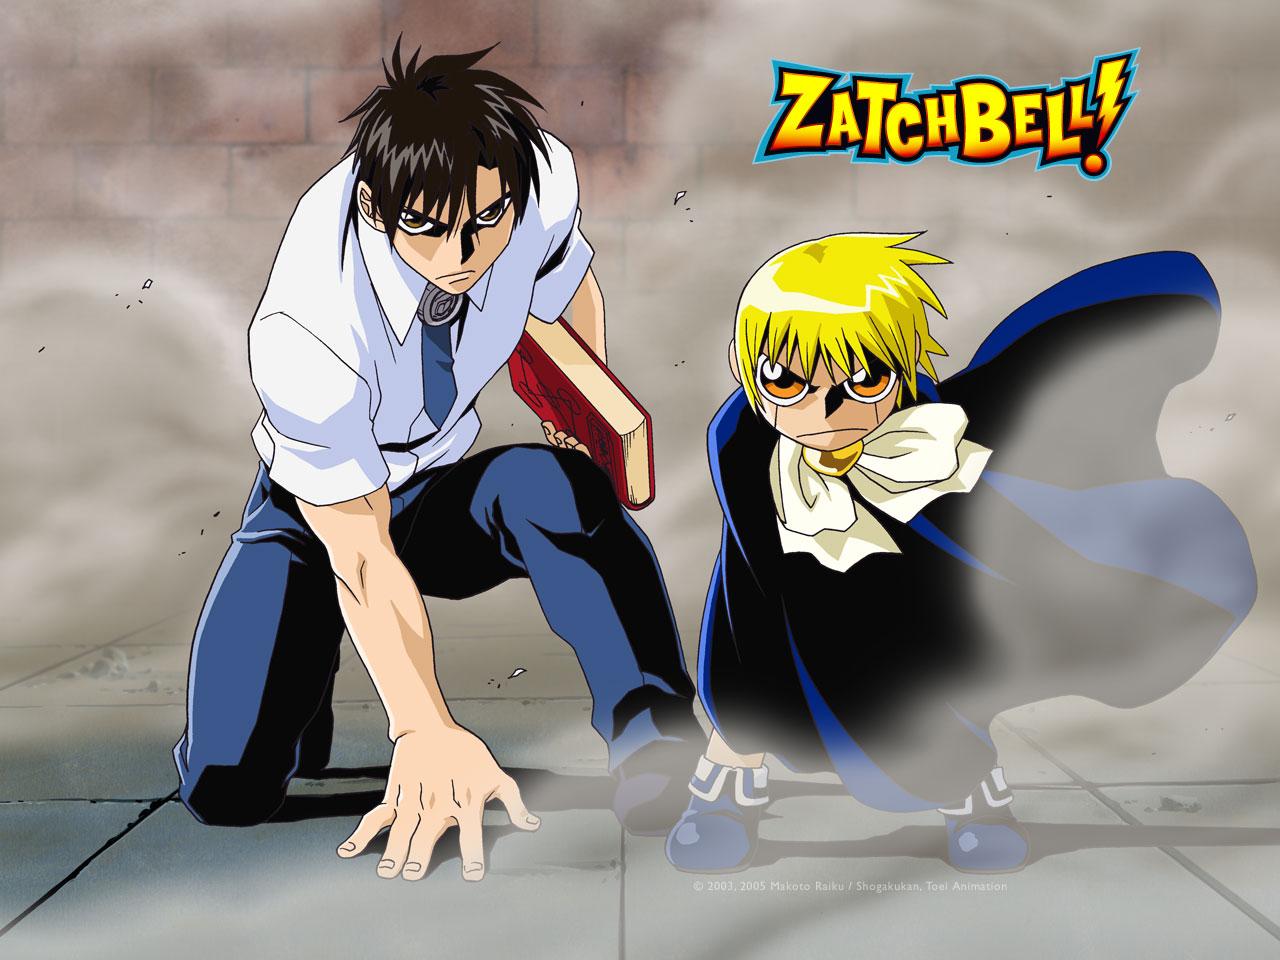 Zatch Bell!